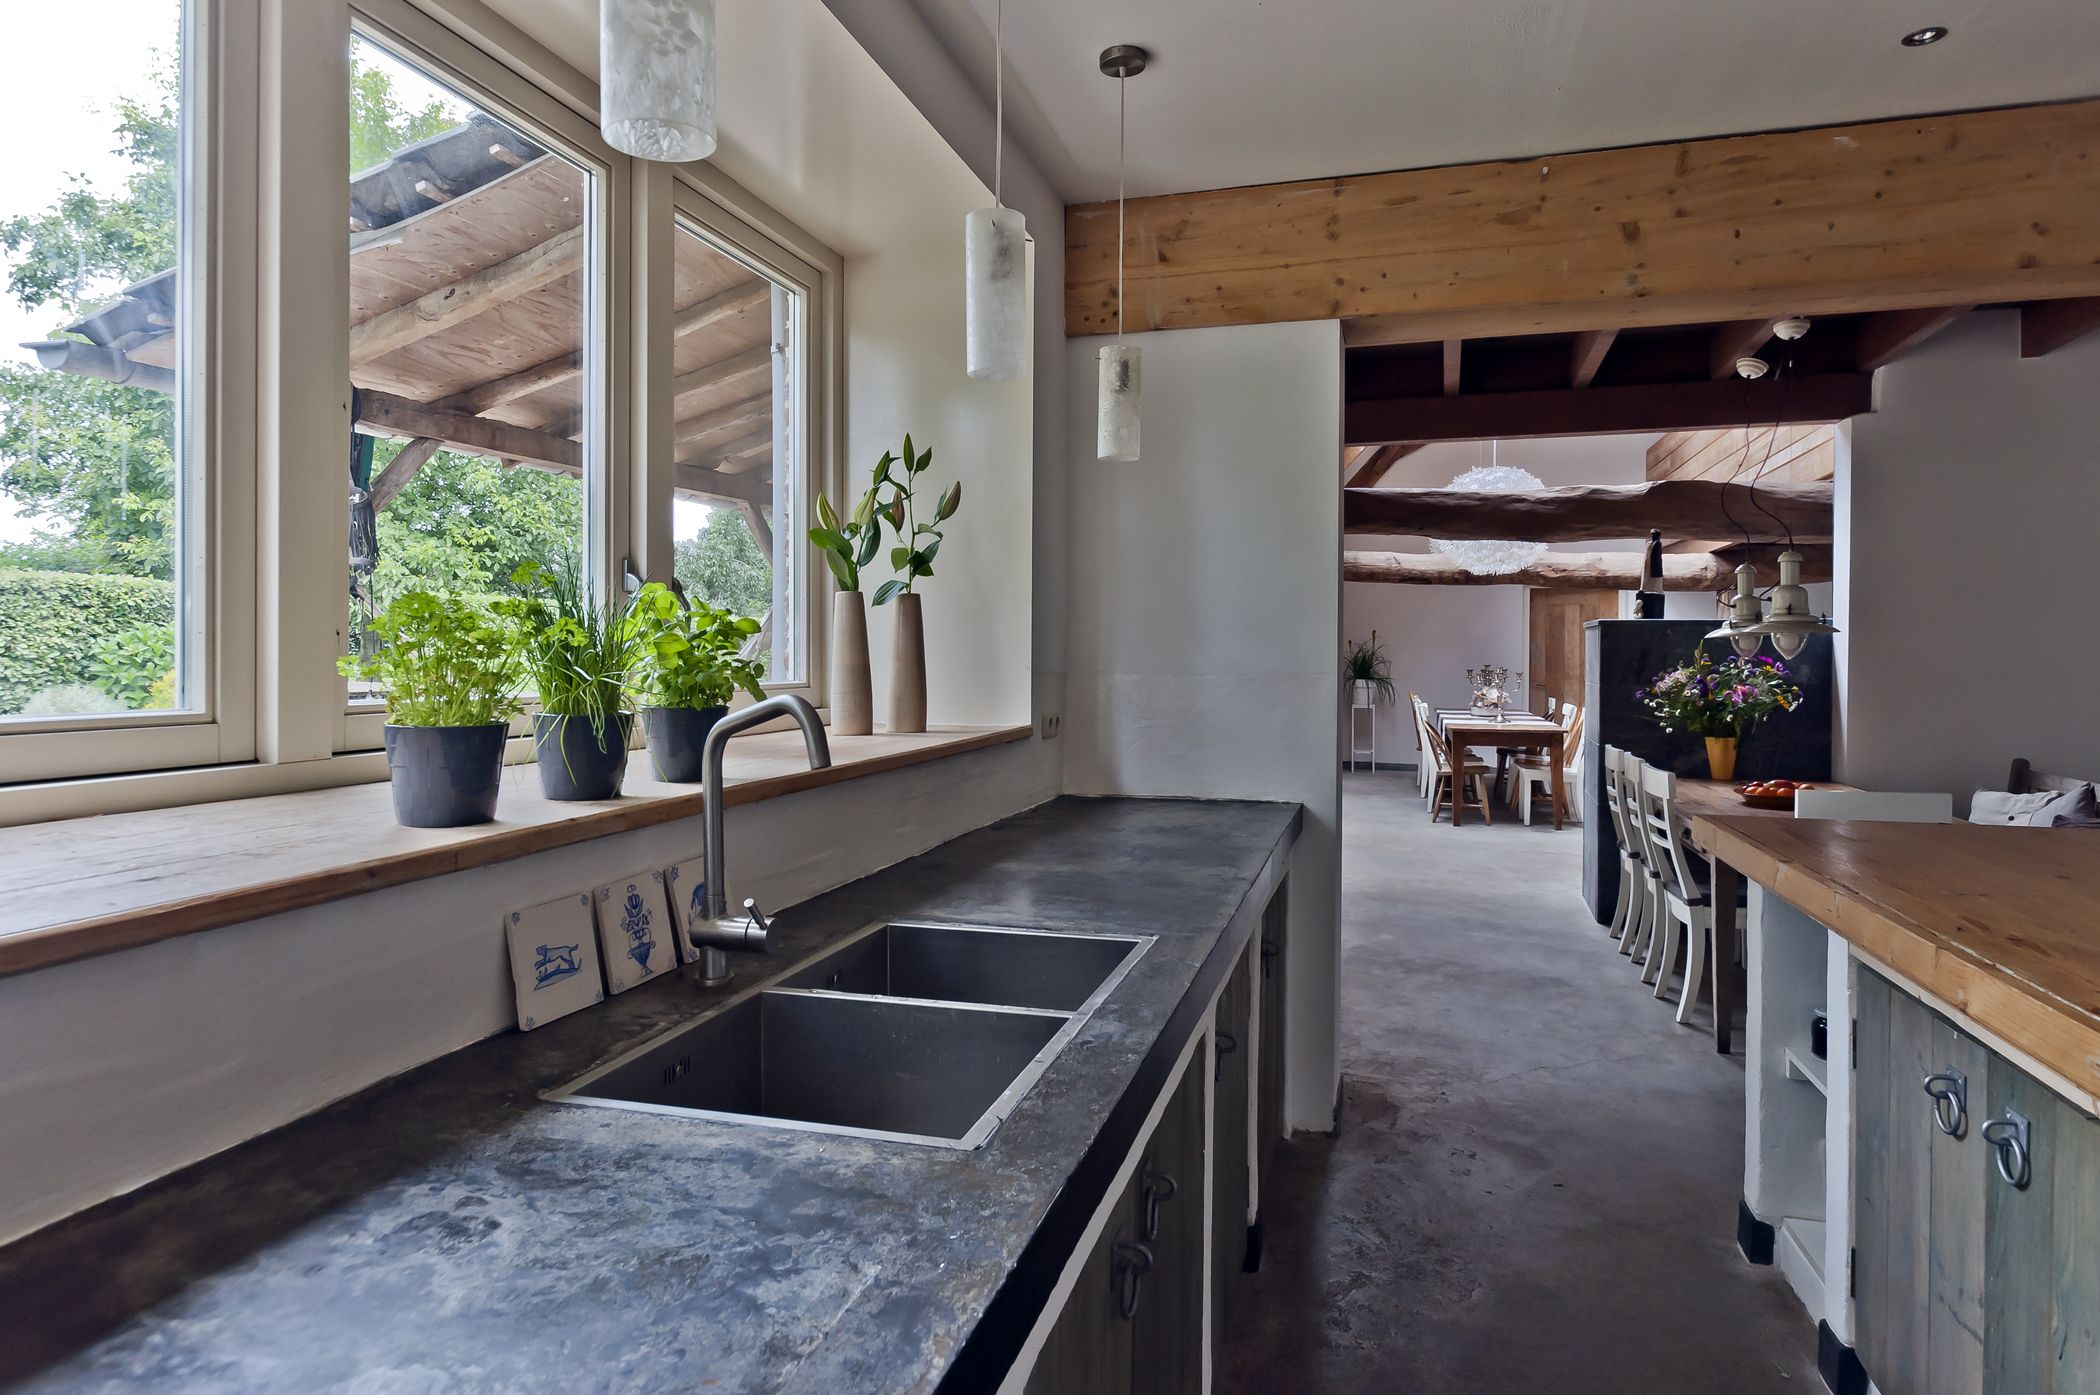 Stoere keuken met betonnen aanrechtblad tekoop unieke